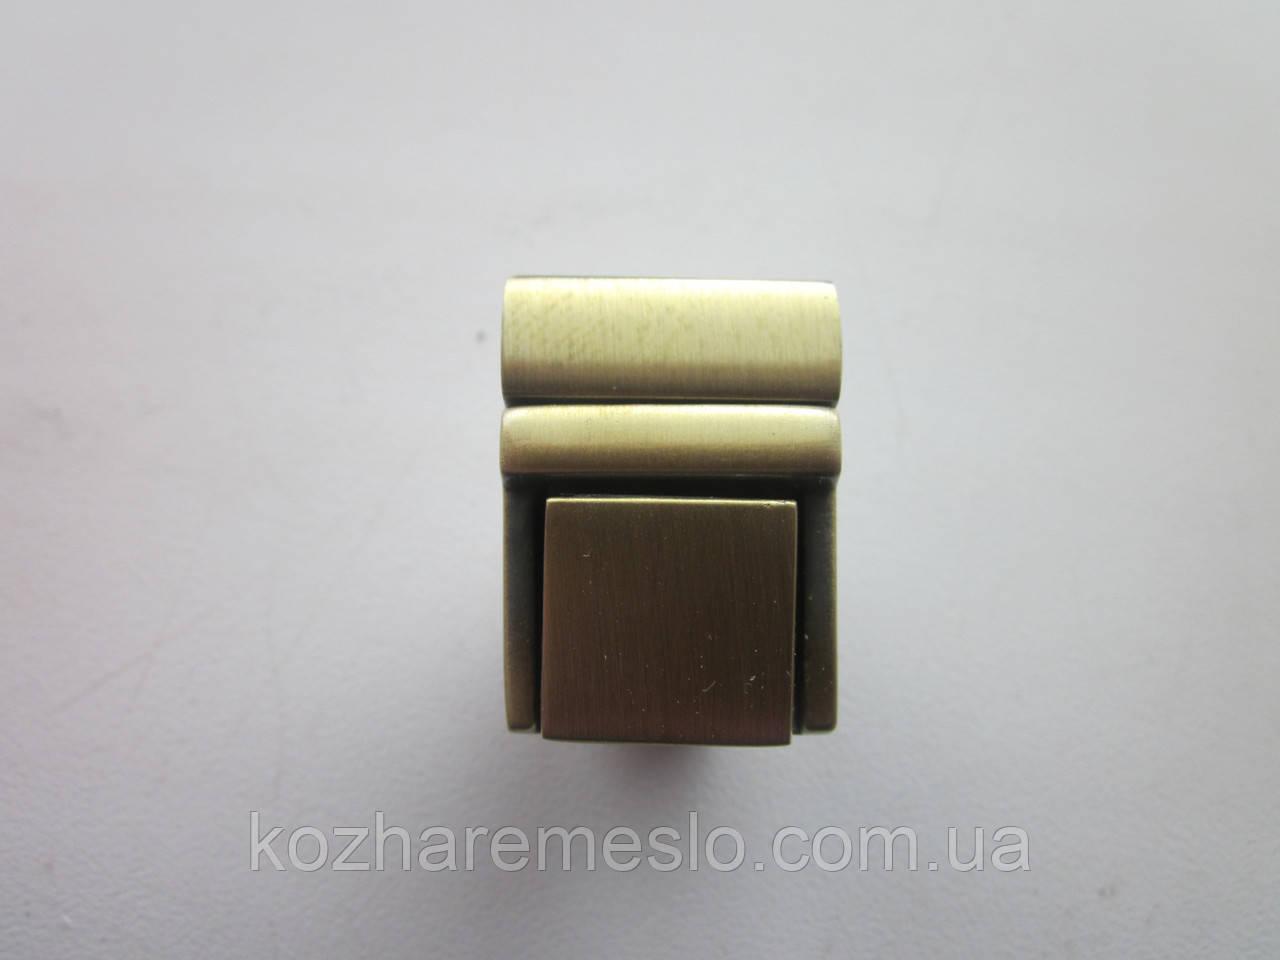 Замок клавишный, для портфеля, барсетки 20 х 27 мм антик